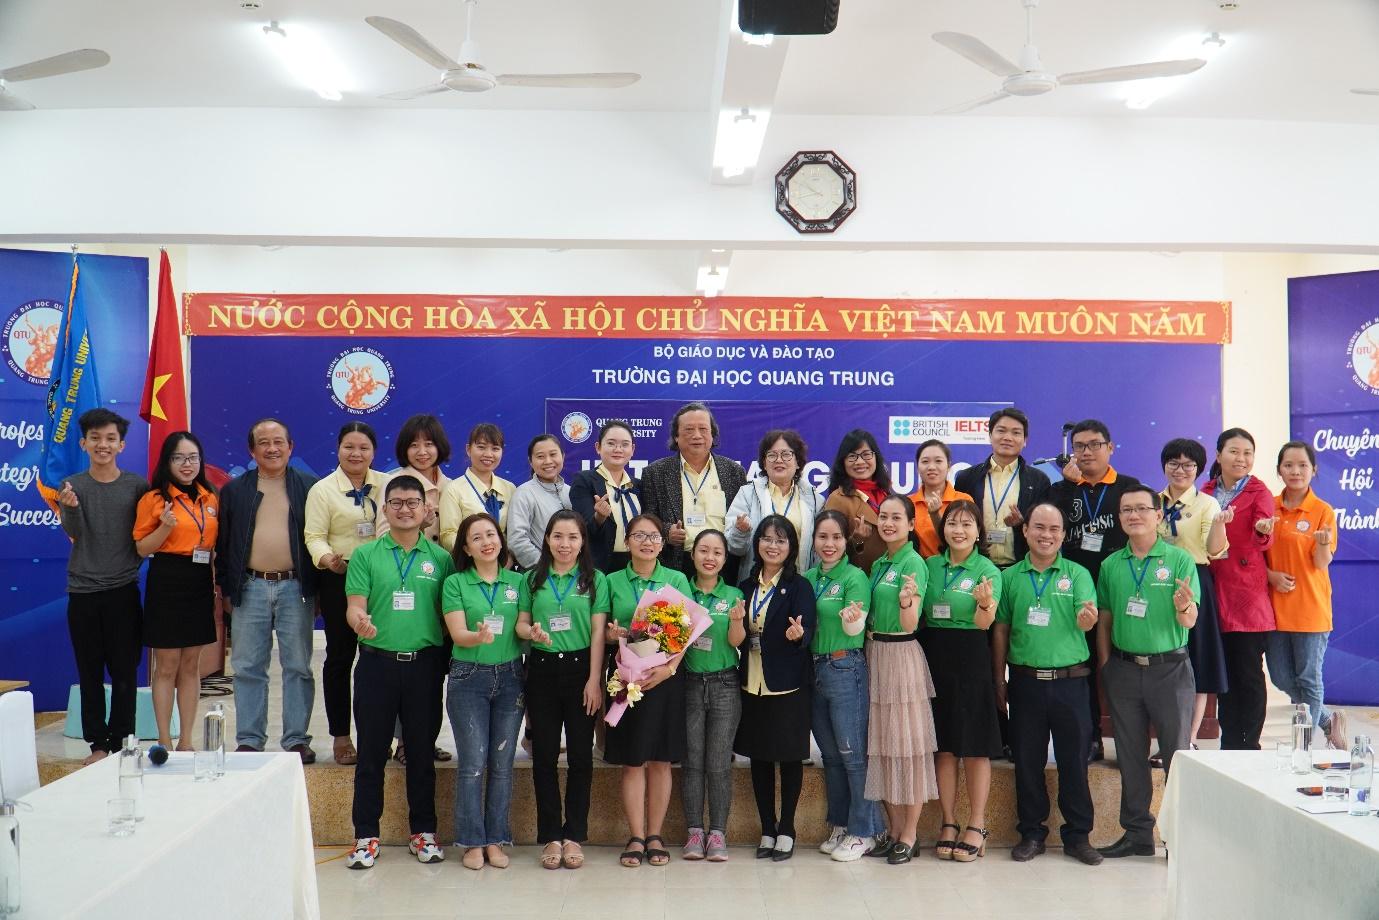 Lễ ra mắt Câu lạc bộ Du lịch – Trường Đại học Quang Trung